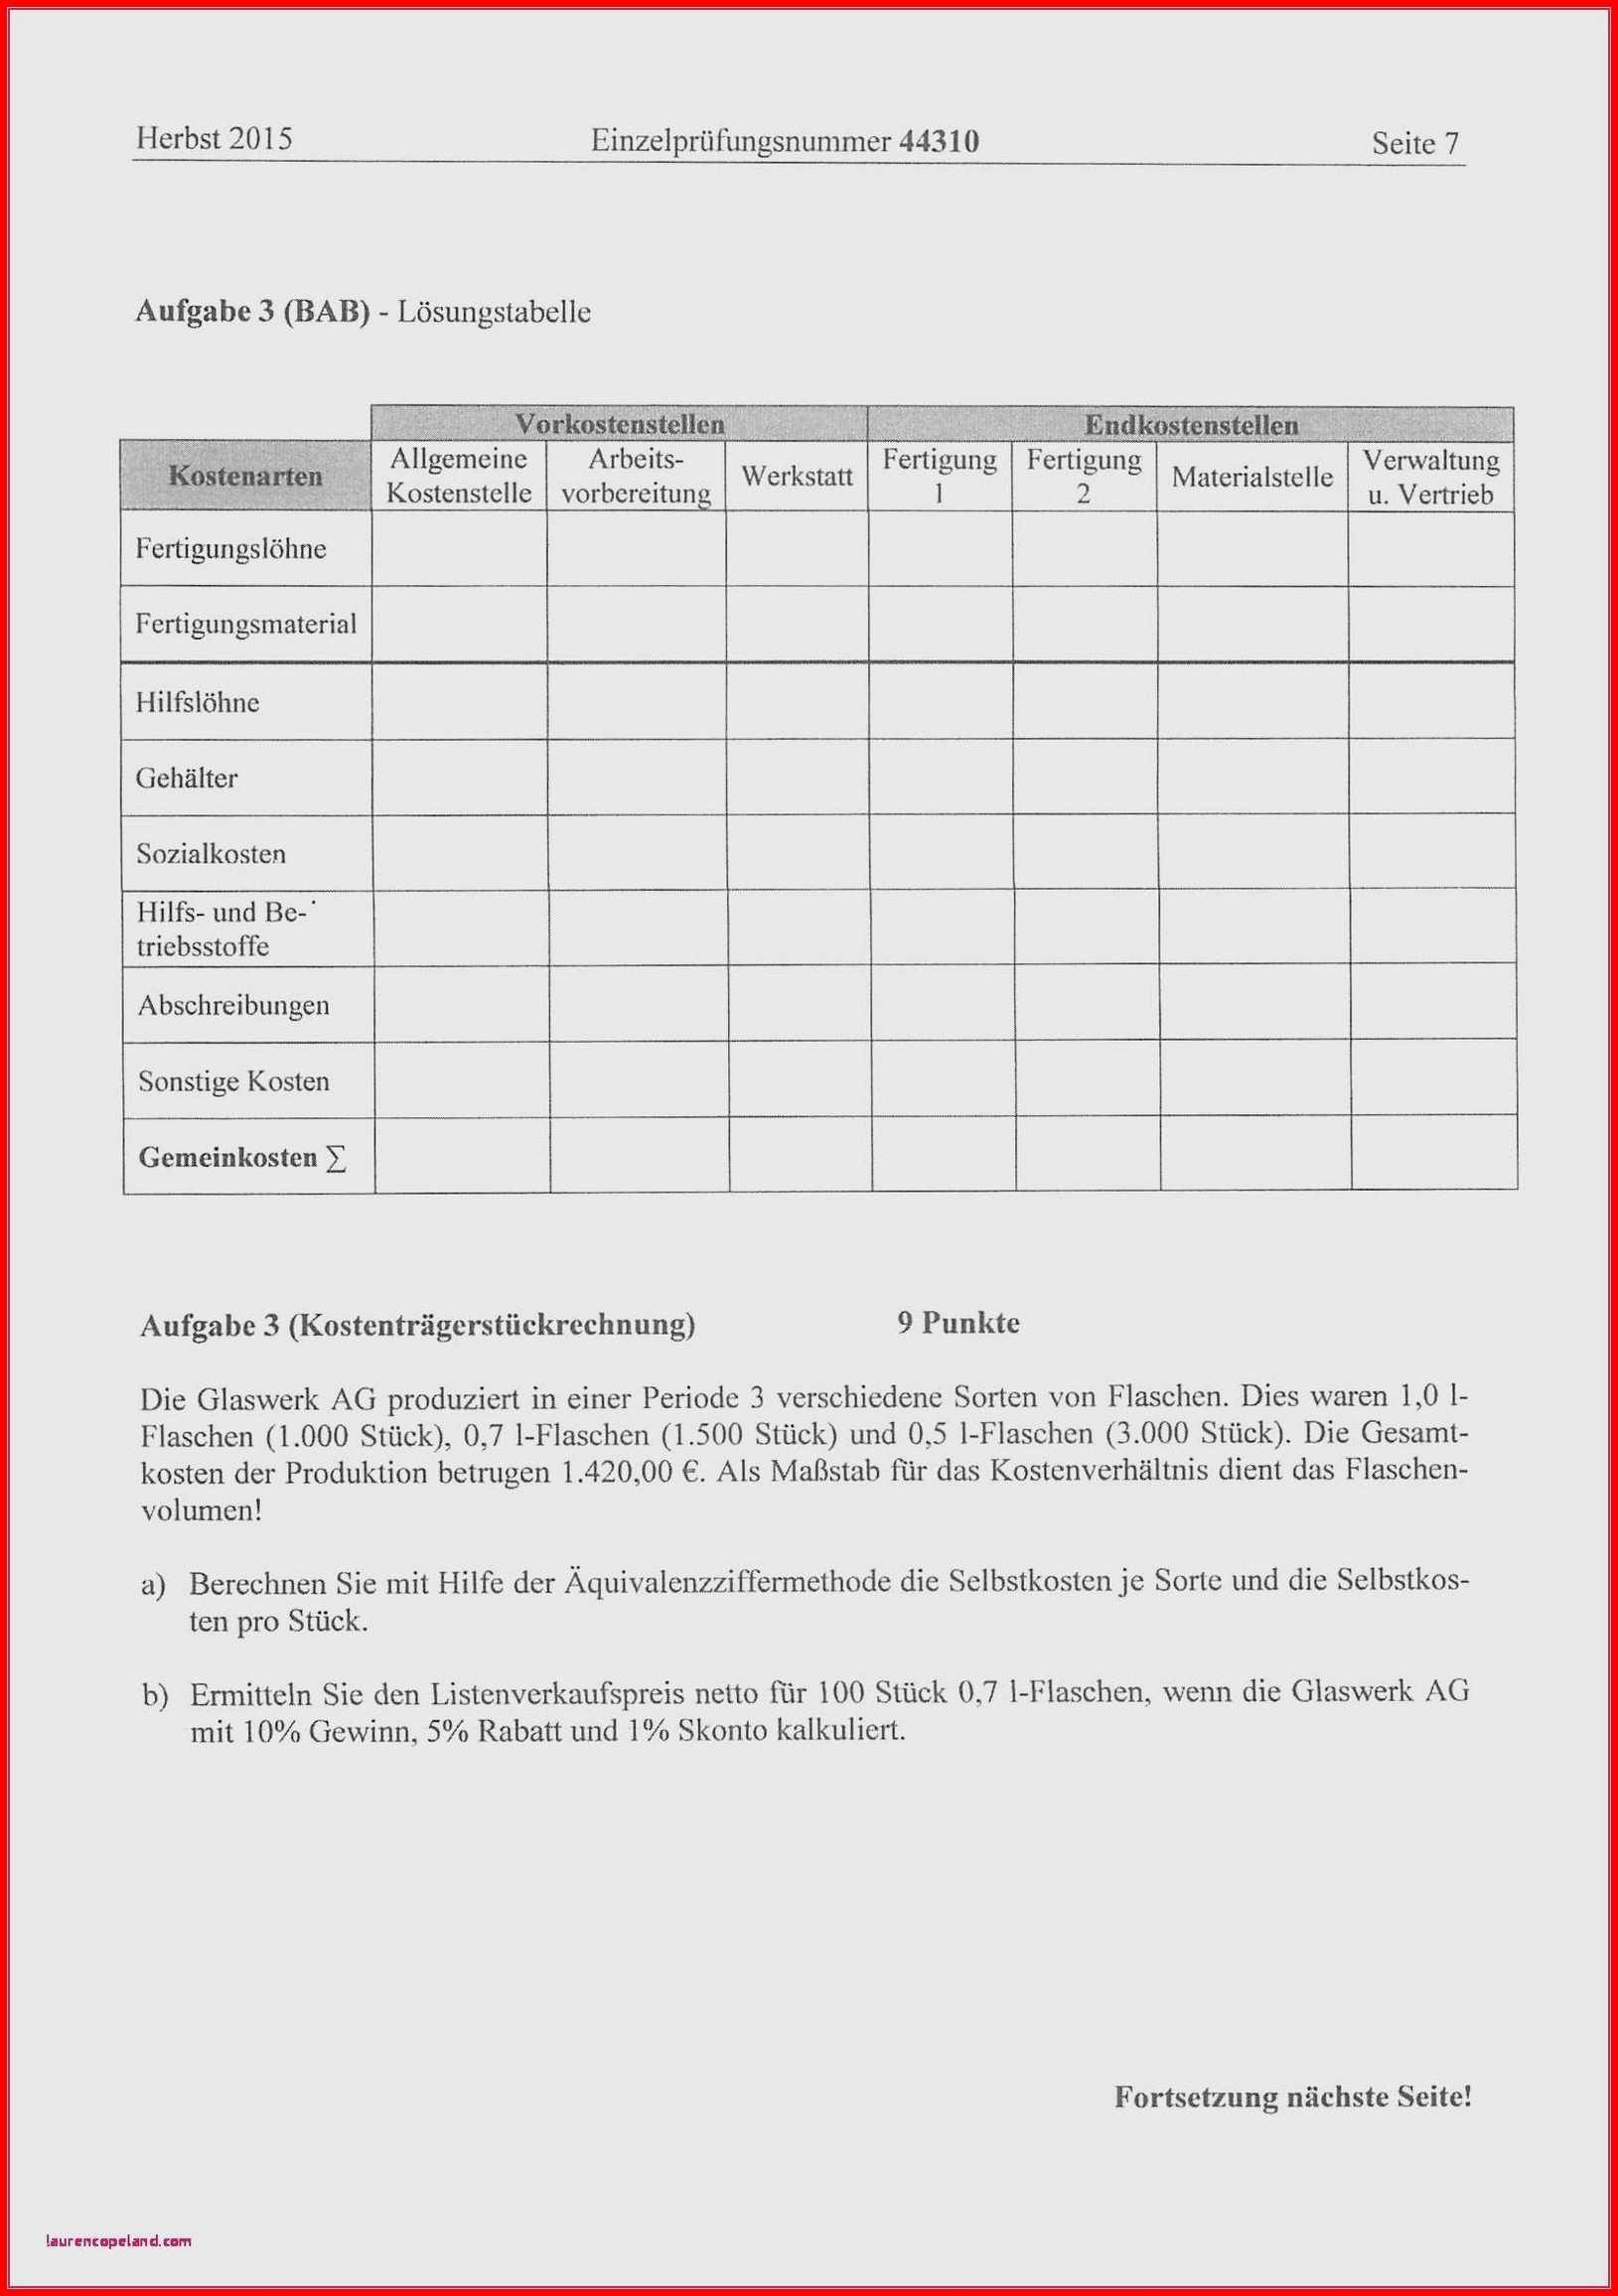 Spesenabrechnung Lkw Fahrer Vorlage 13 Bewerbungsunterlagen